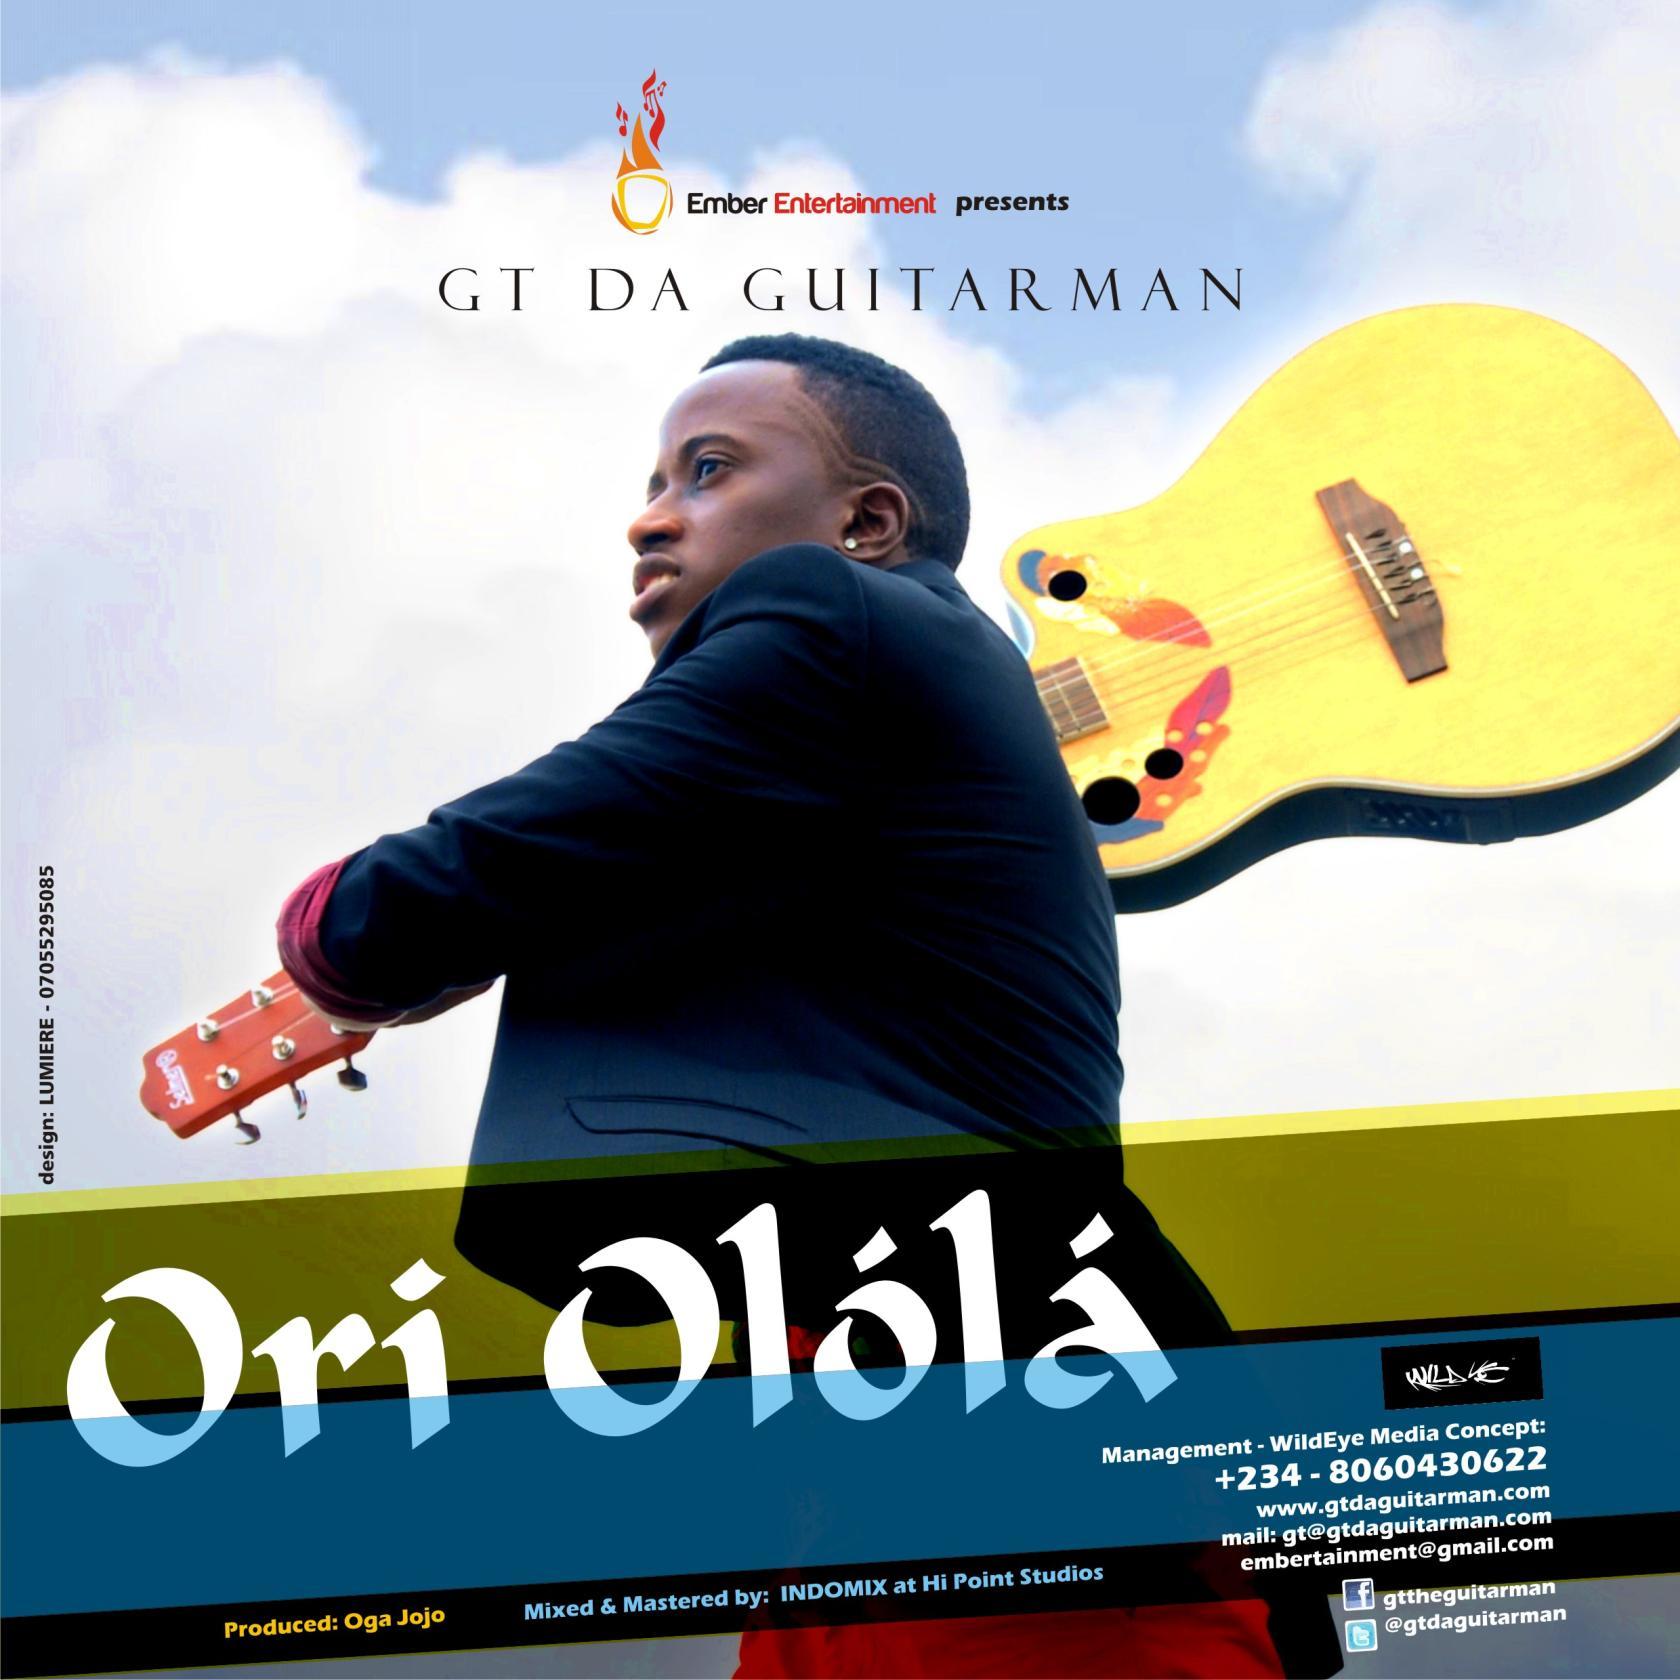 GT Guitarman ori-olola